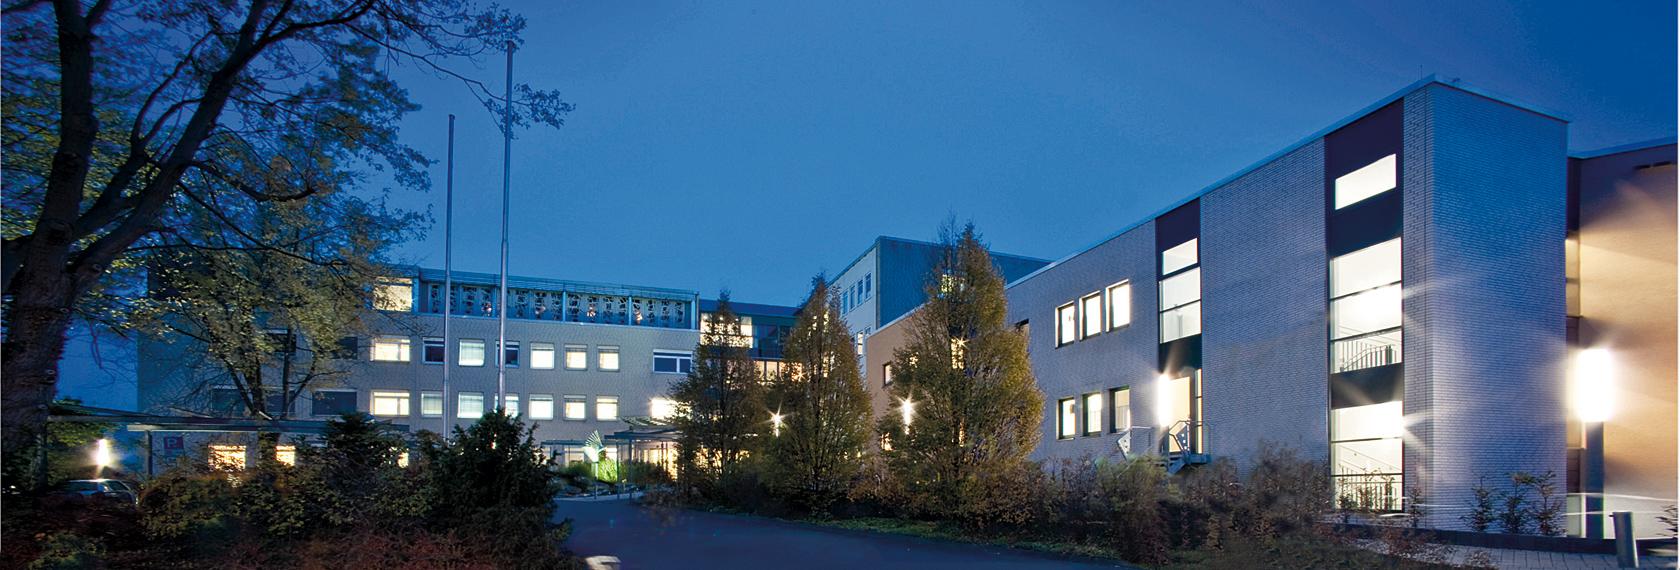 Die Außenaussicht des St. Josefs-Krankenhauses bei Nacht